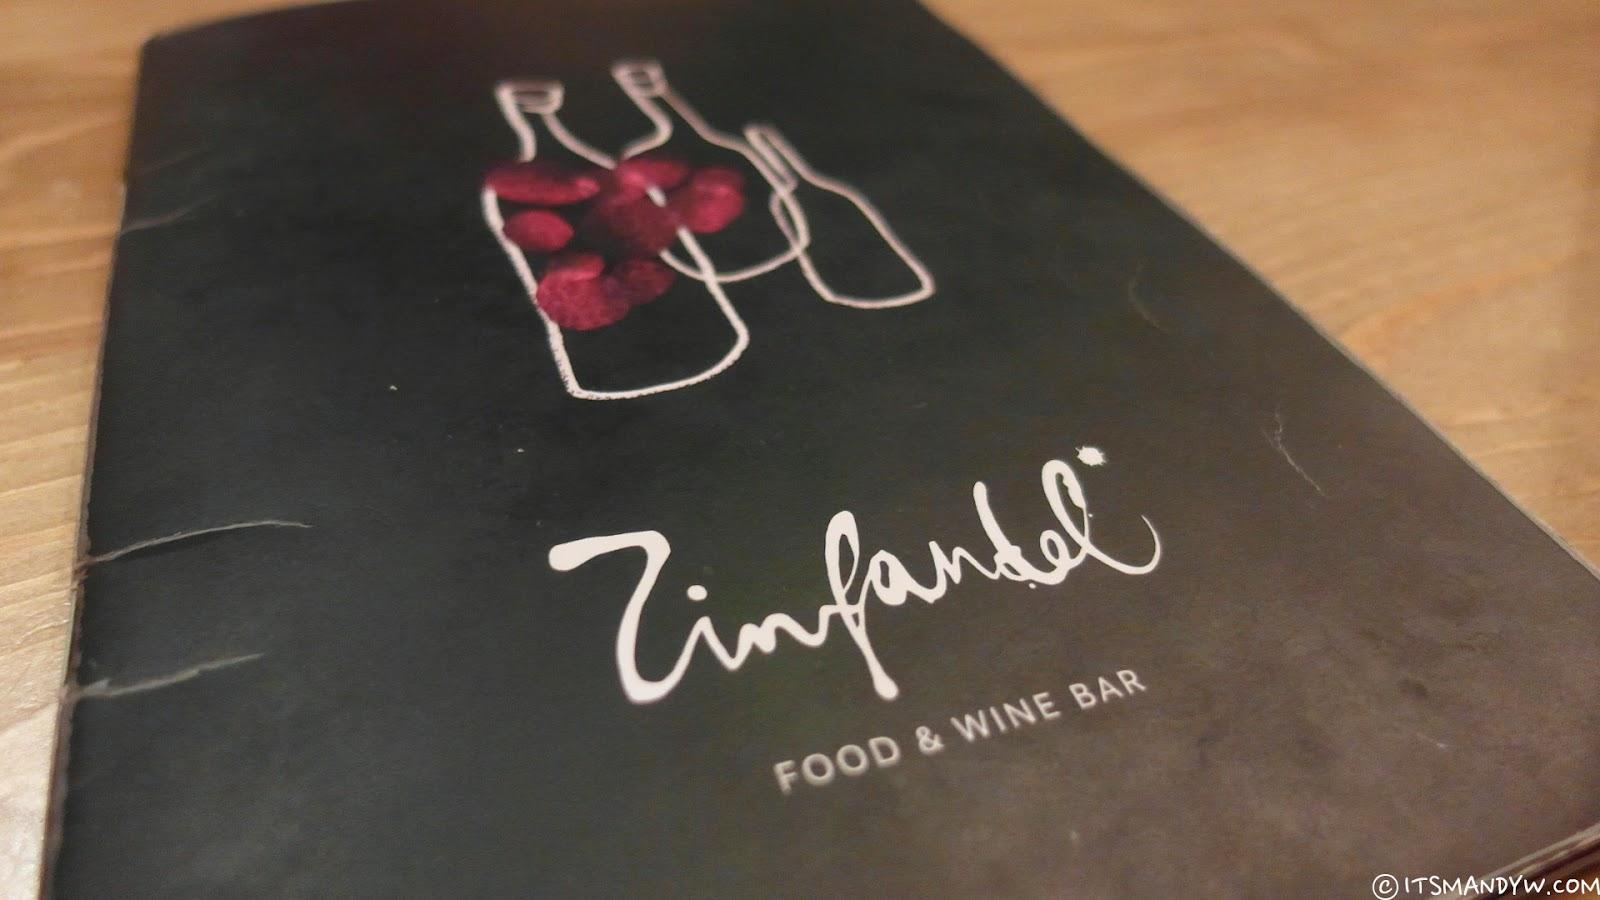 🇭🇷 克羅地亞 | 酒香不怕巷子深 - Zinfandel Food & Wine Bar